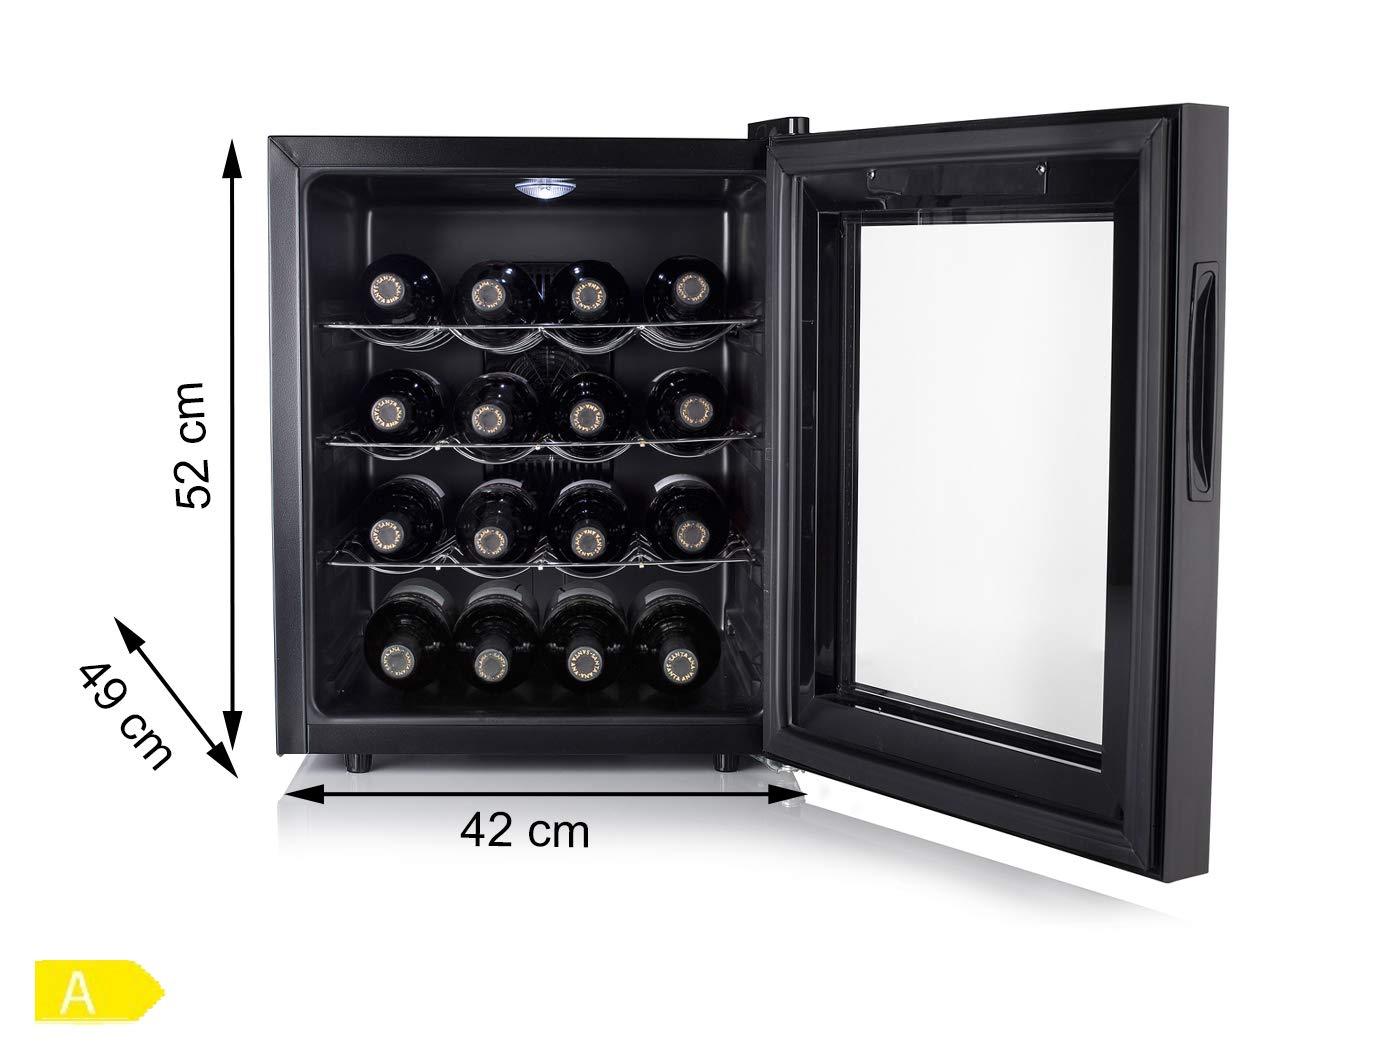 Kleiner-WEINKHLSCHRANK-fr-16-Flaschen-mit-WEINTHERMOMETER-Weinklimaschrank-48-Liter-LED-Anzeige-Touchfunktion